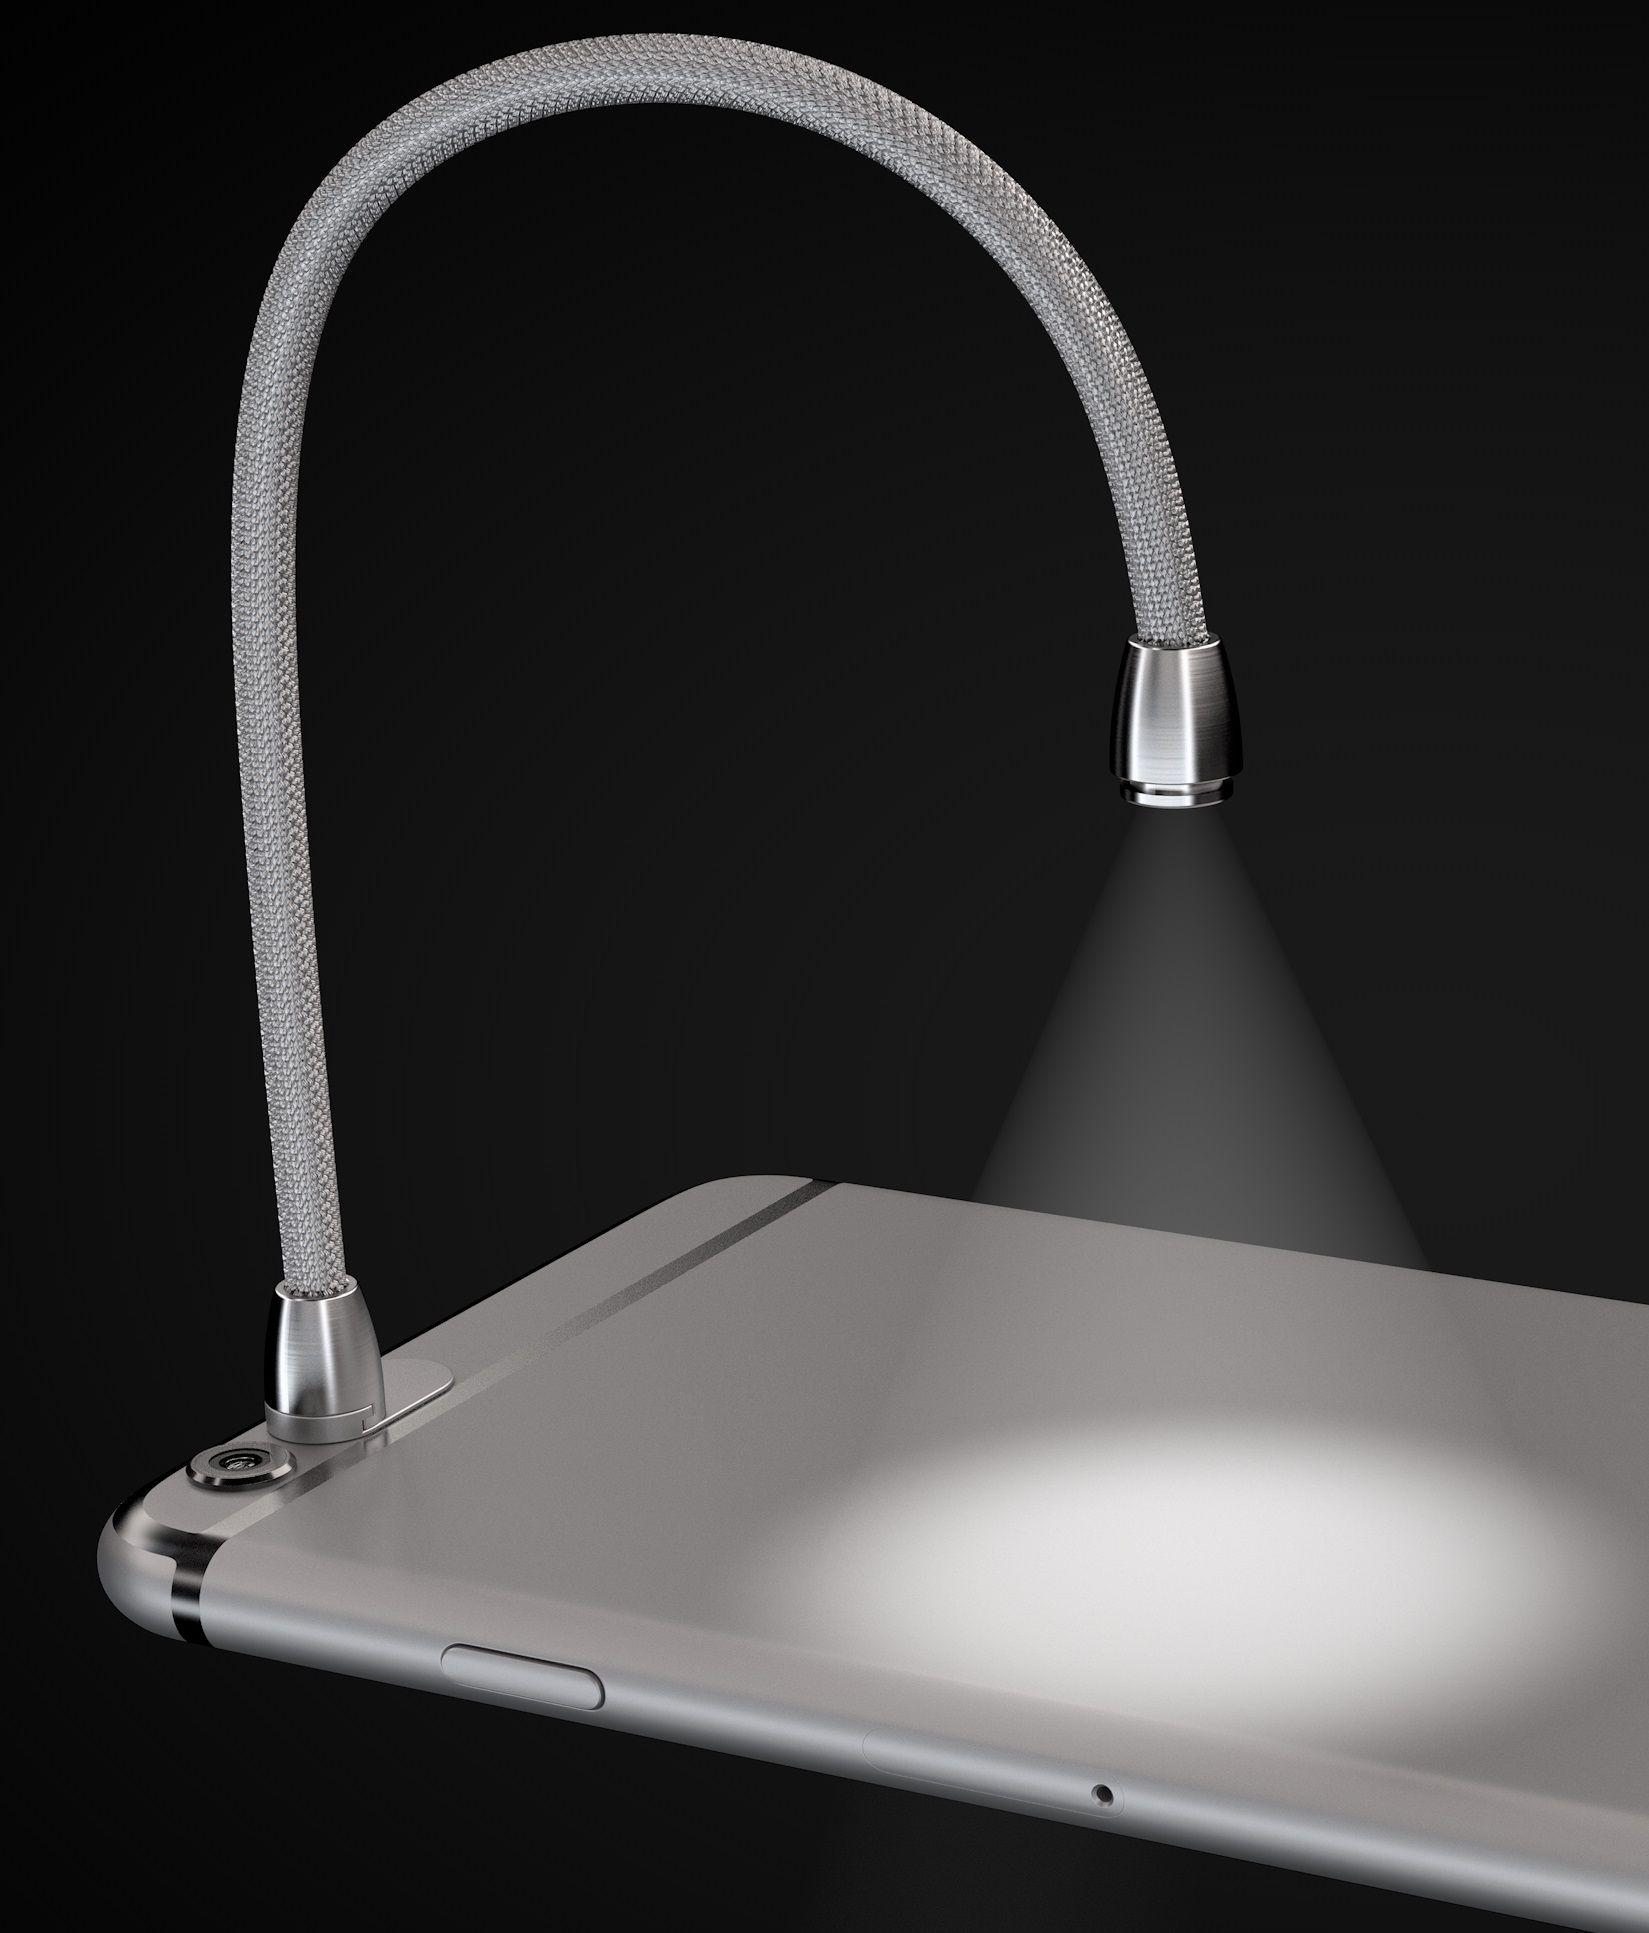 Taschenlampe Smartphone